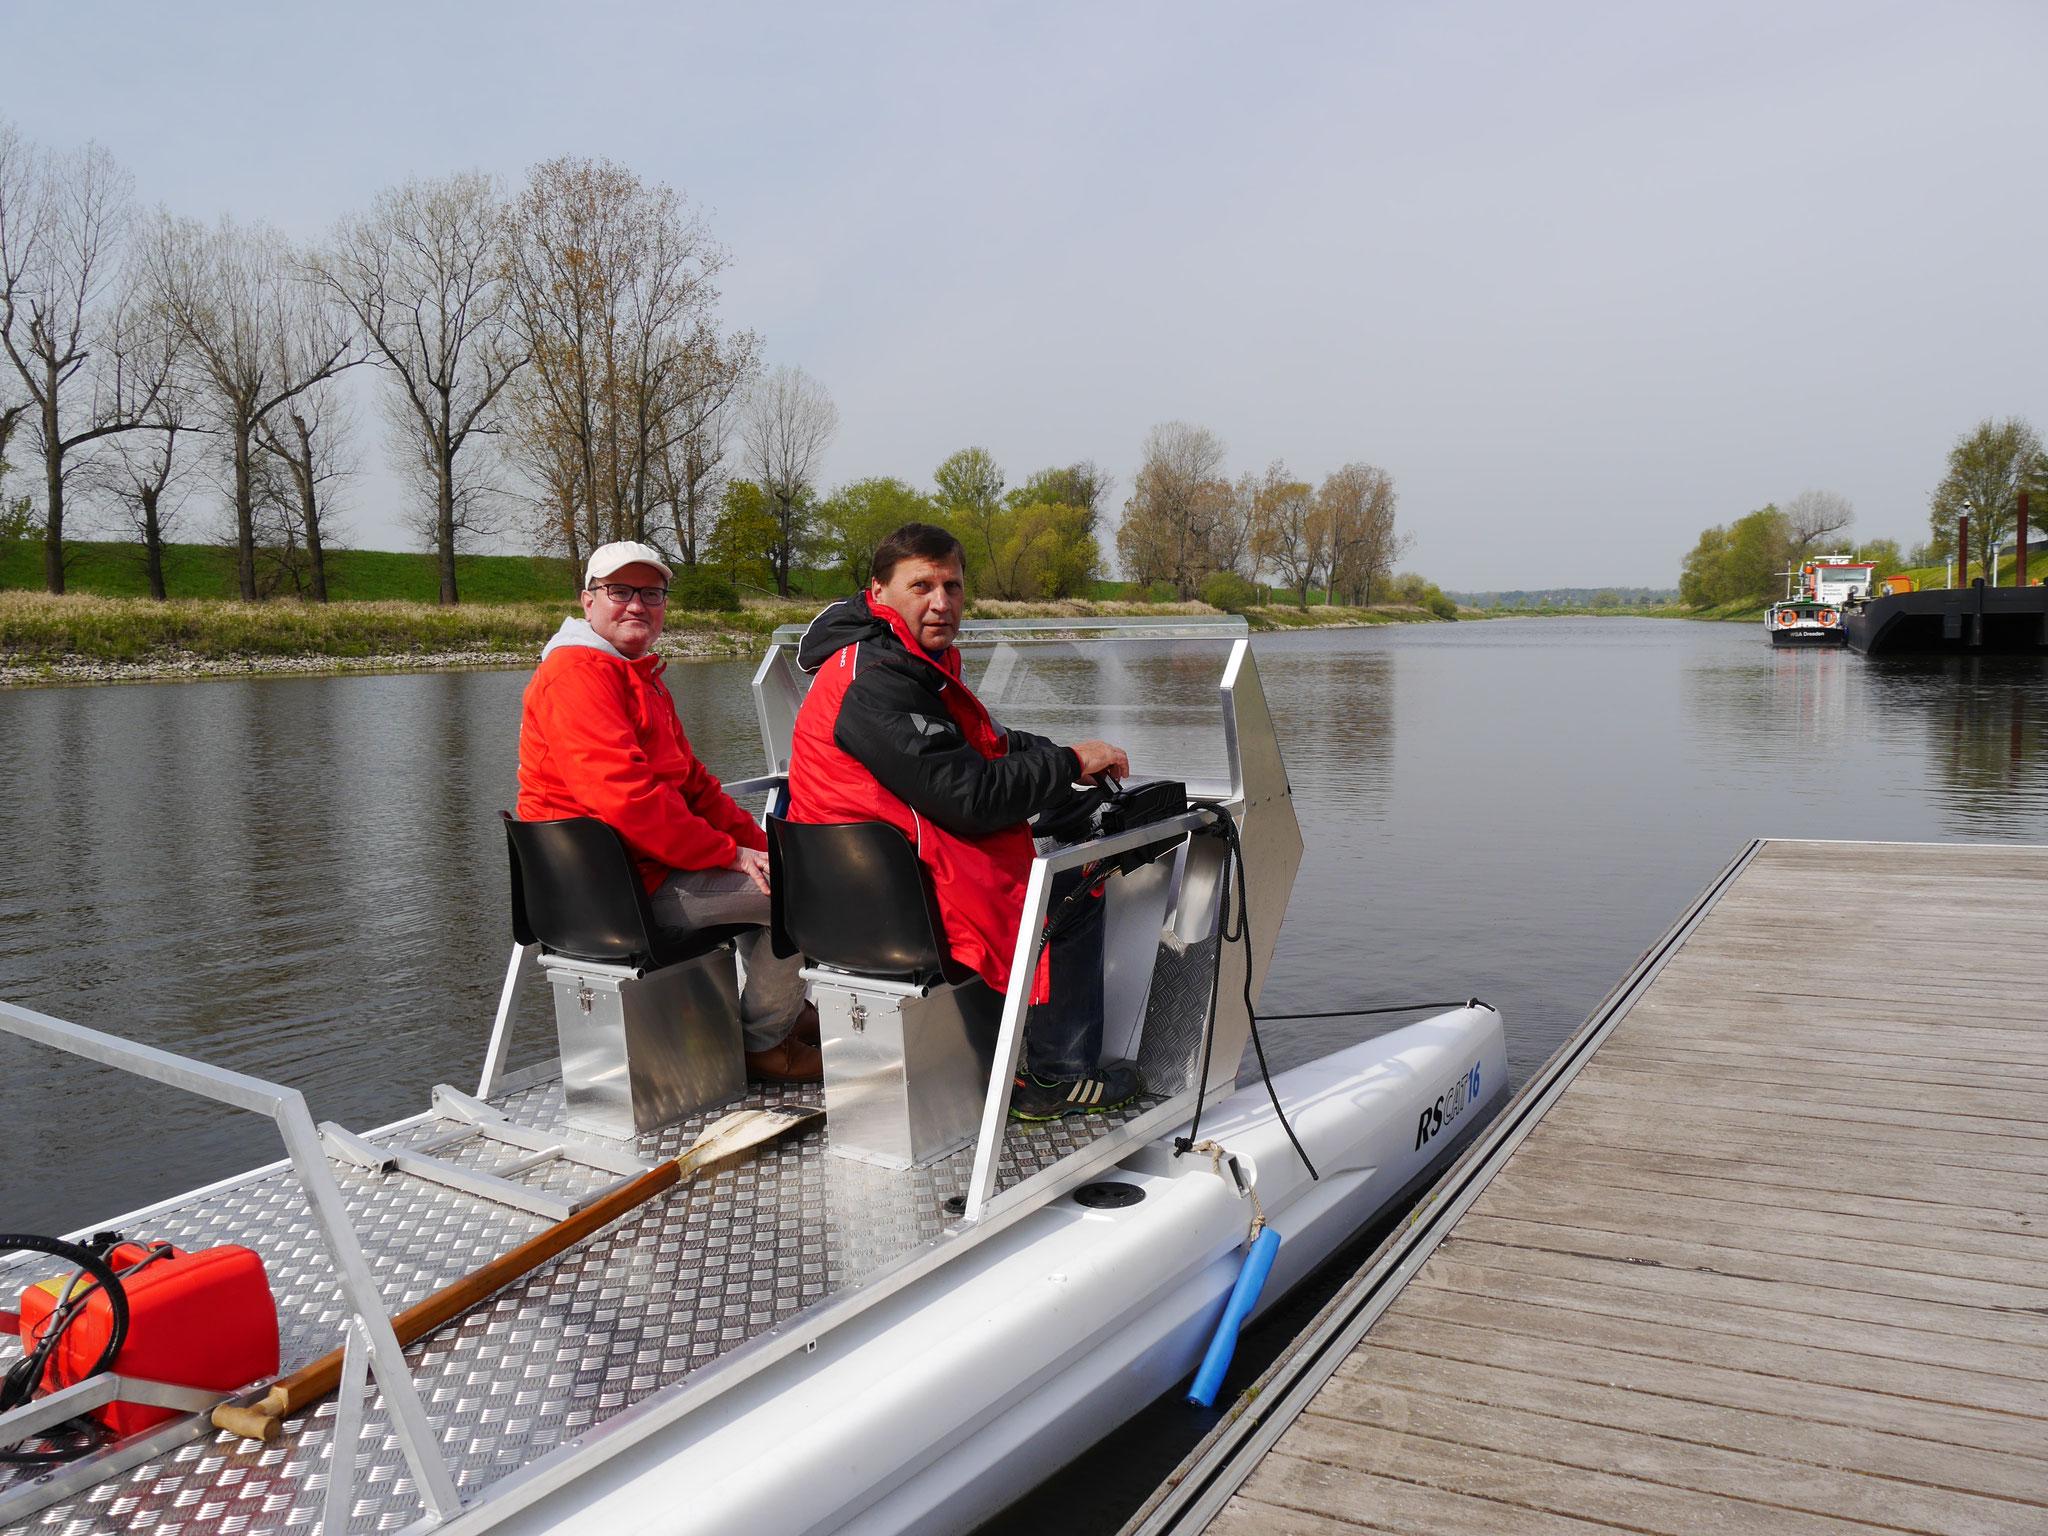 Allzeit gute Fahrt bei den vielen Trainingsstunden auf der Elbe!